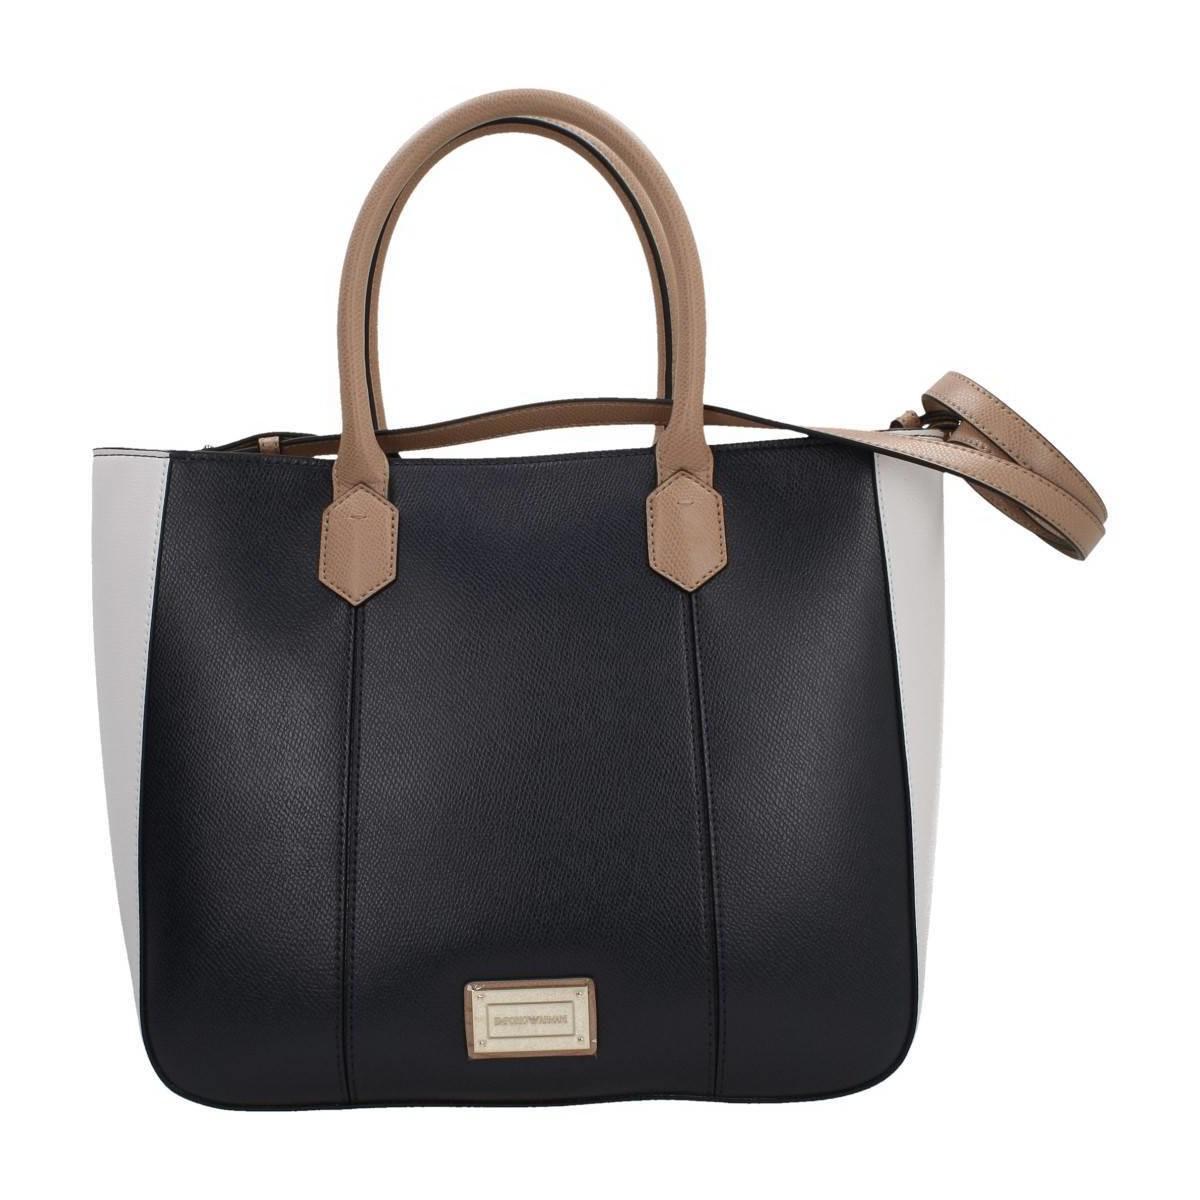 646fc85f12f Armani Tote Bag Women s Shopper Bag In Blue in Blue - Save 19% - Lyst